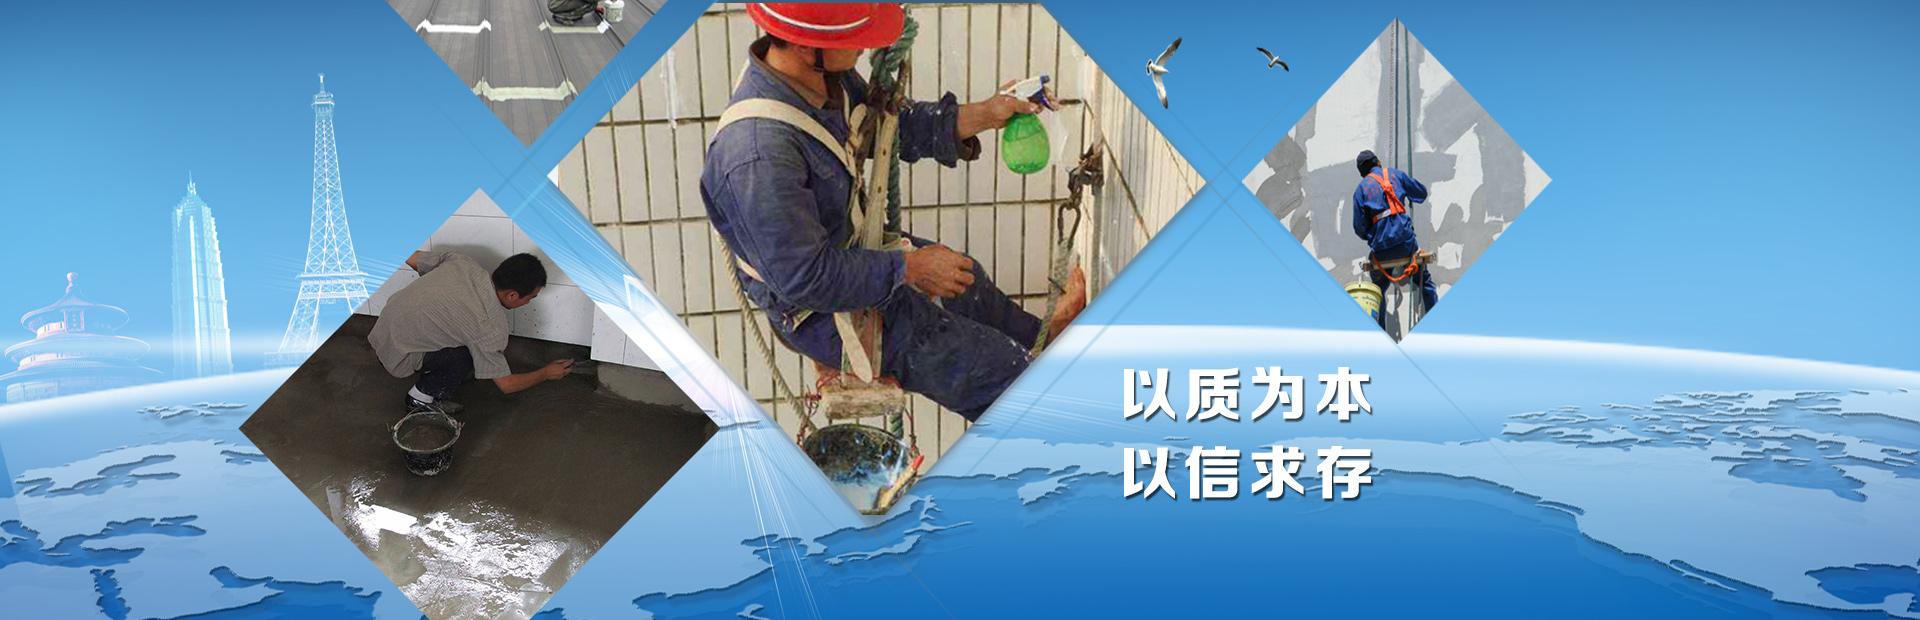 昆山防水施工